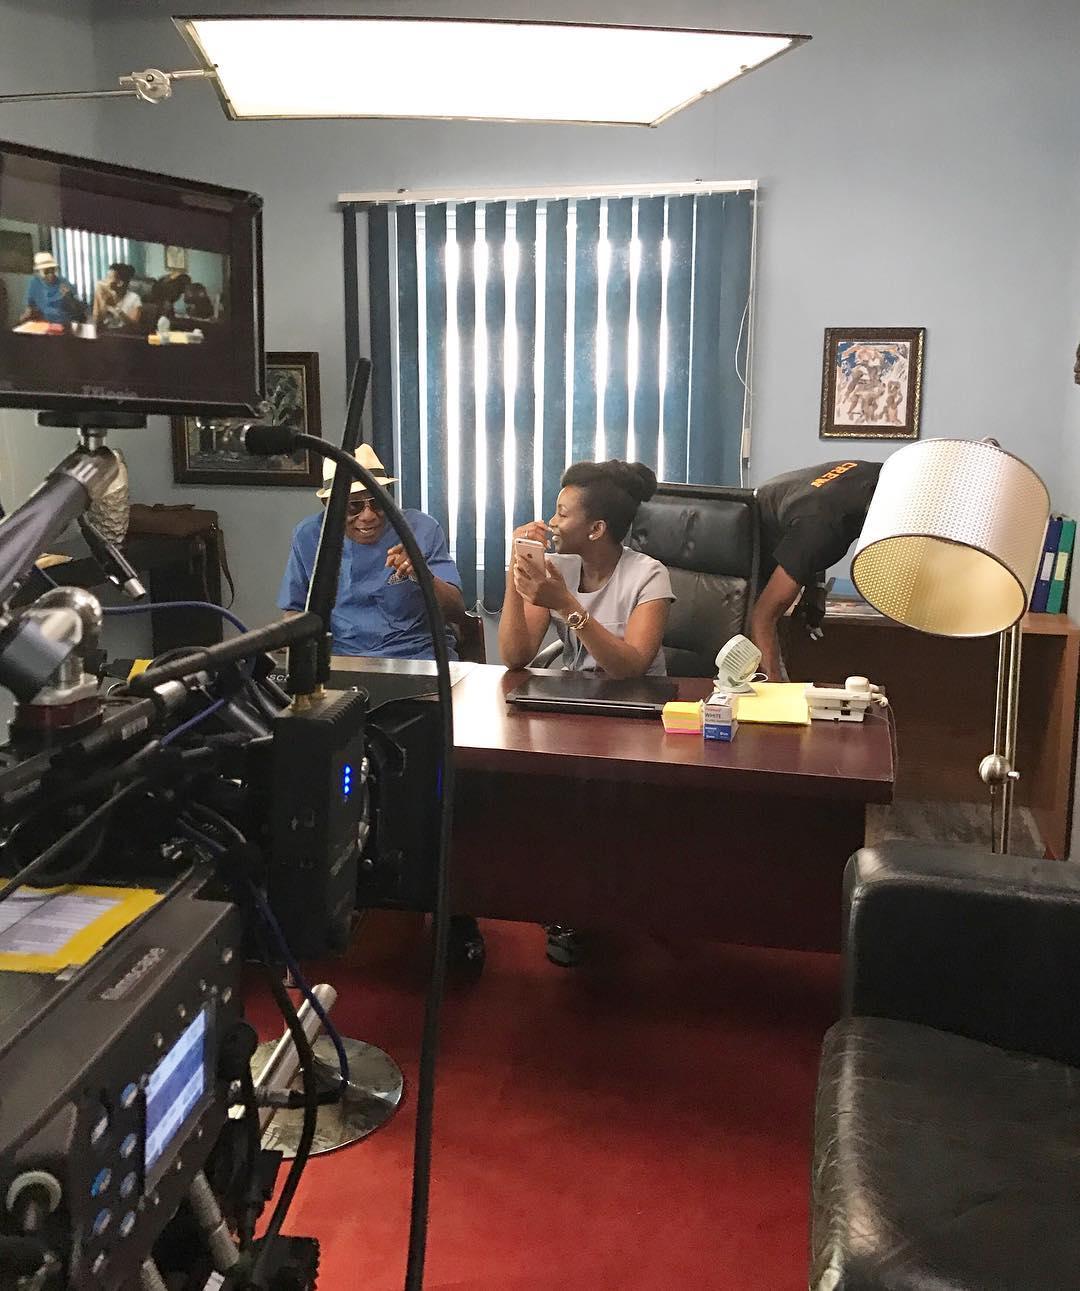 18809598 1190720237723706 2332913346266791936 n - #Oscar2020: Read Why Lionheart – Nigeria First Oscar Entry Caused Controversy